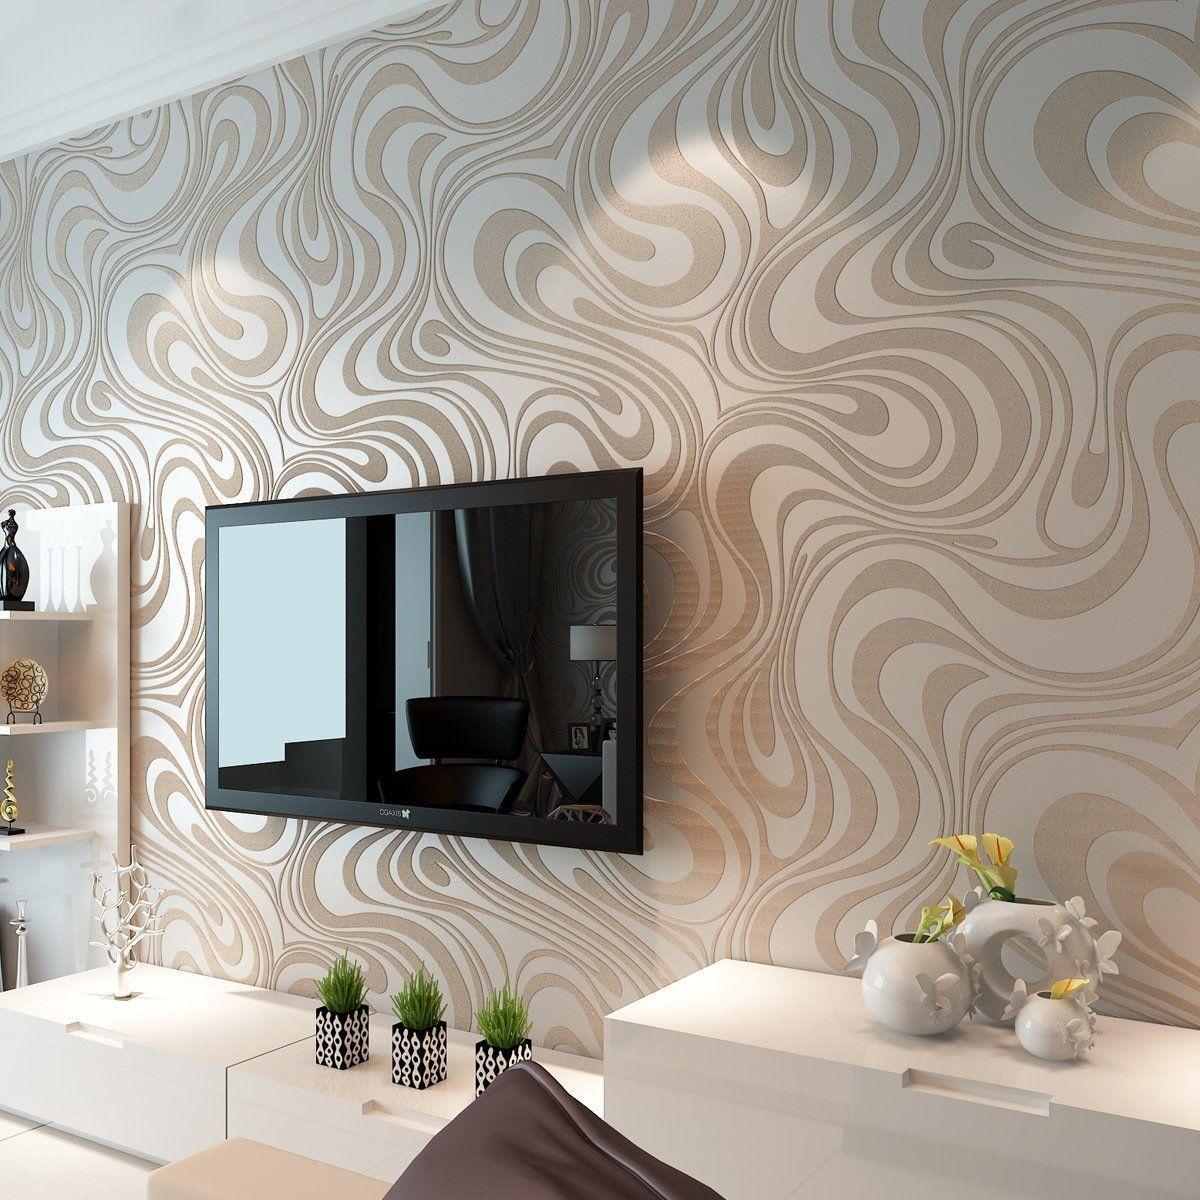 Moderne tapeten schlafzimmer schwarz  Modern Abstrakt Hanmero Curve, 3d-Tapete Wandbild De Papel Parede ...